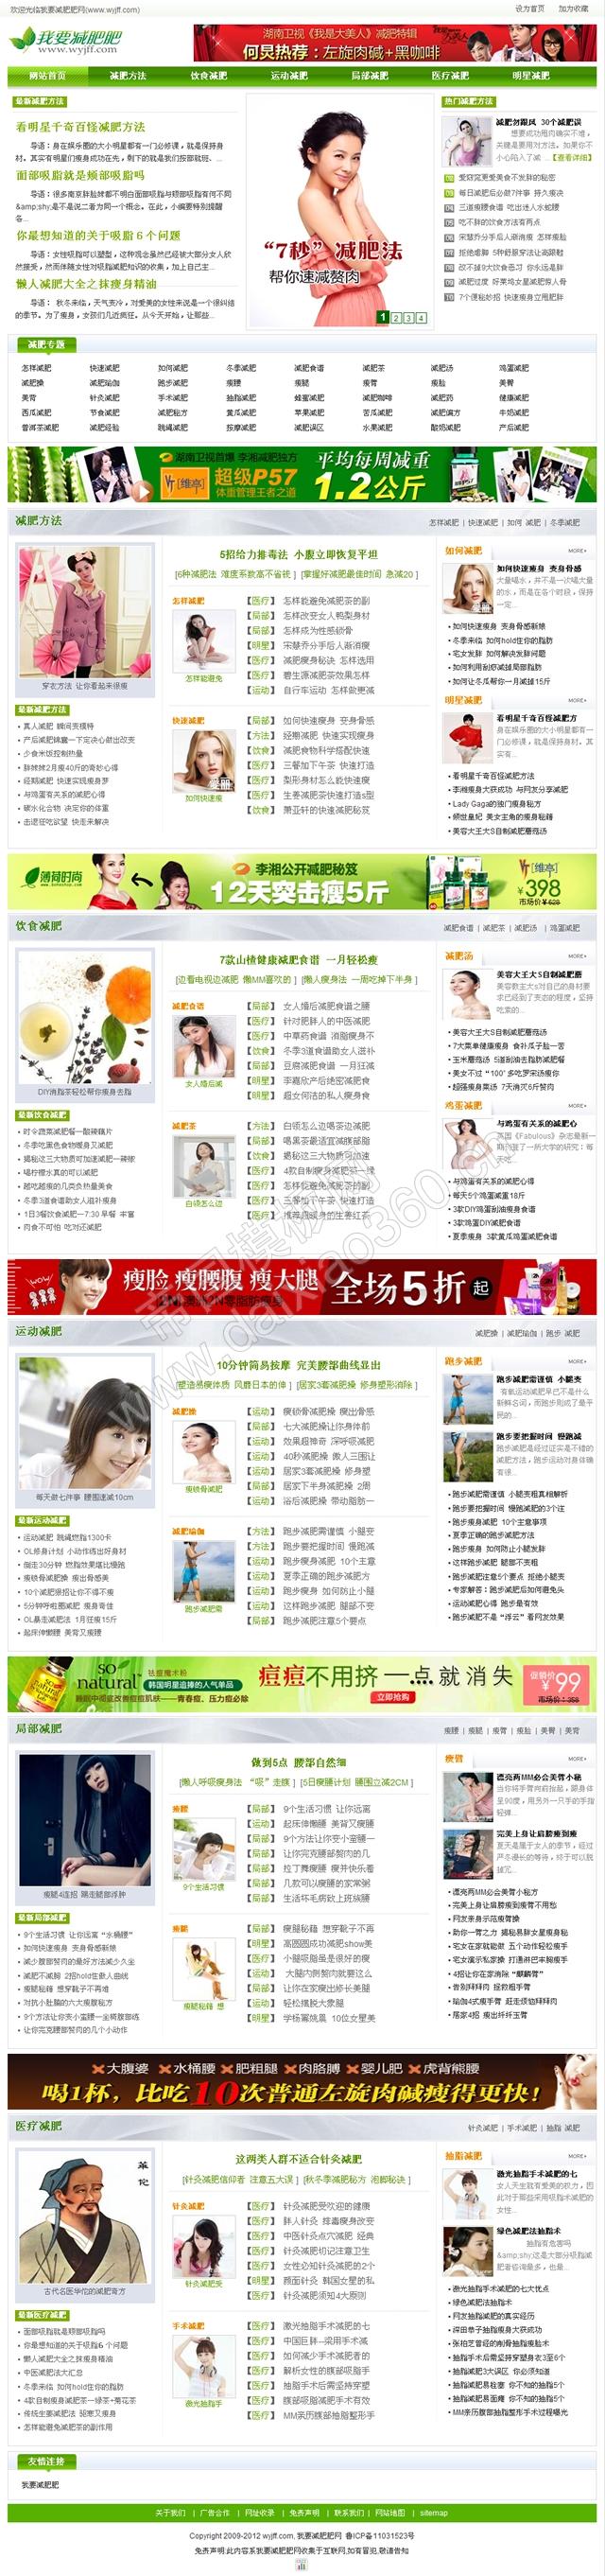 帝国cms模板绿色减肥资讯新闻文章网站程序源码_首页